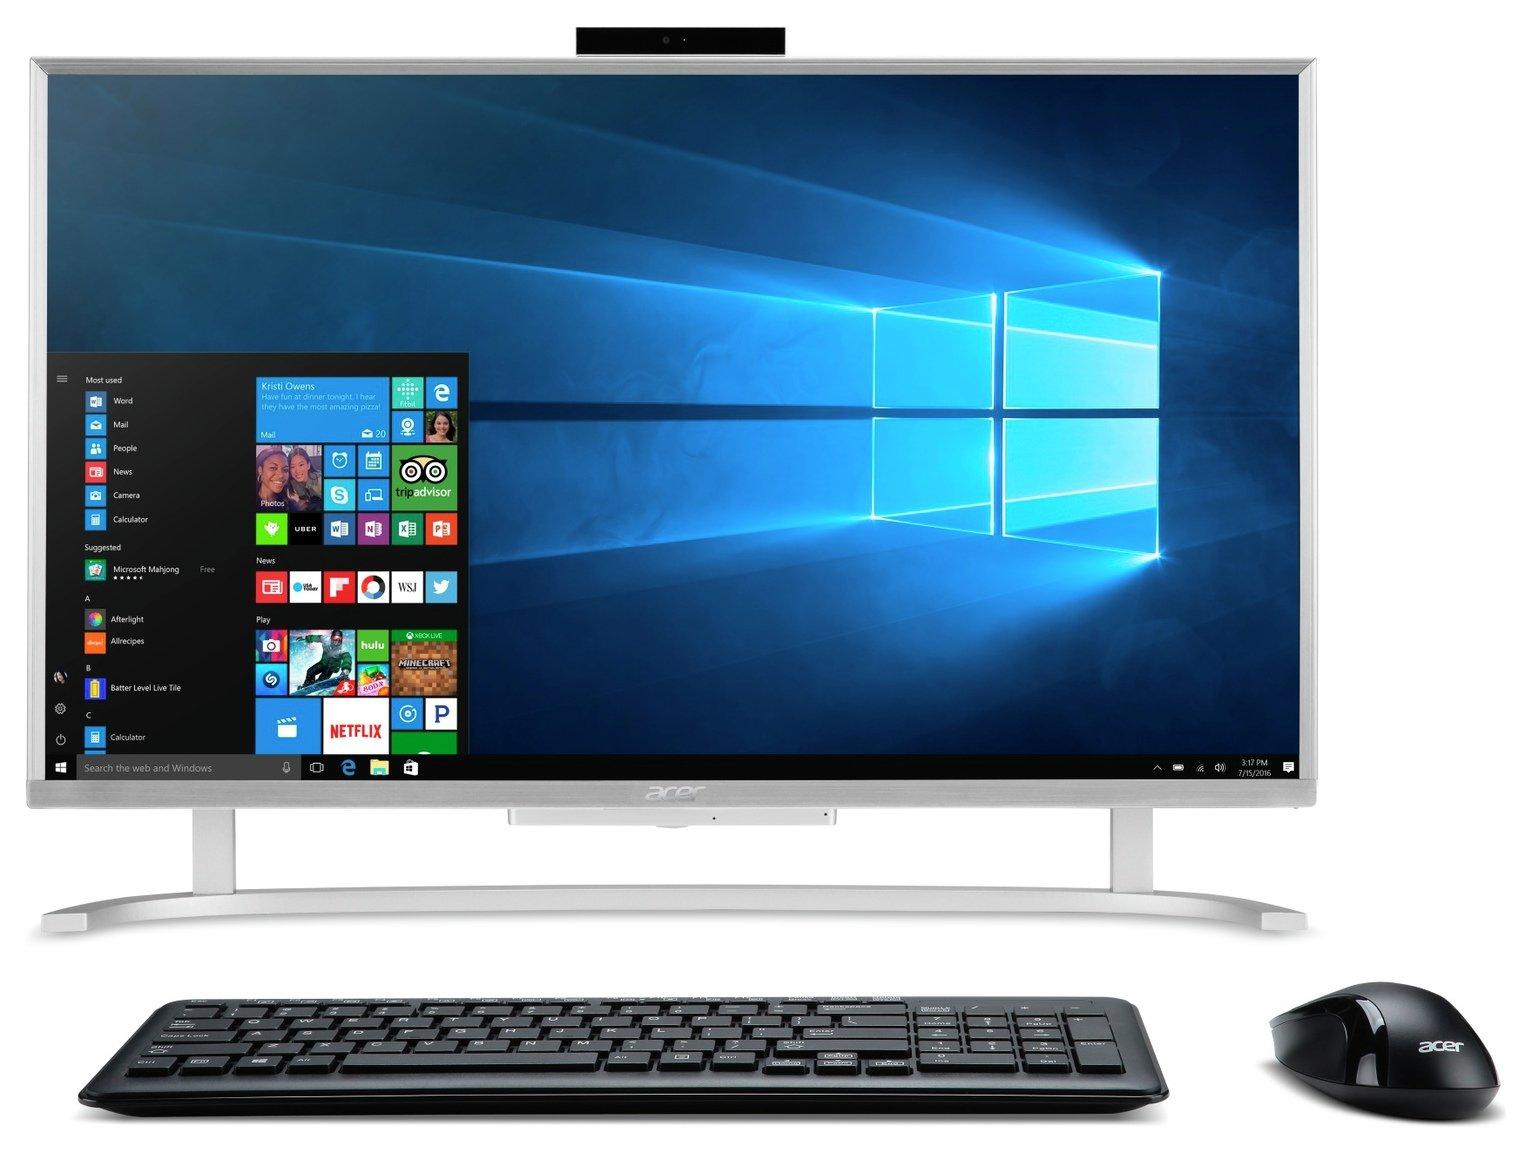 Acer Aspire C22-720 21.5 Inch Pentium 4GB 1TB All-in-One PC